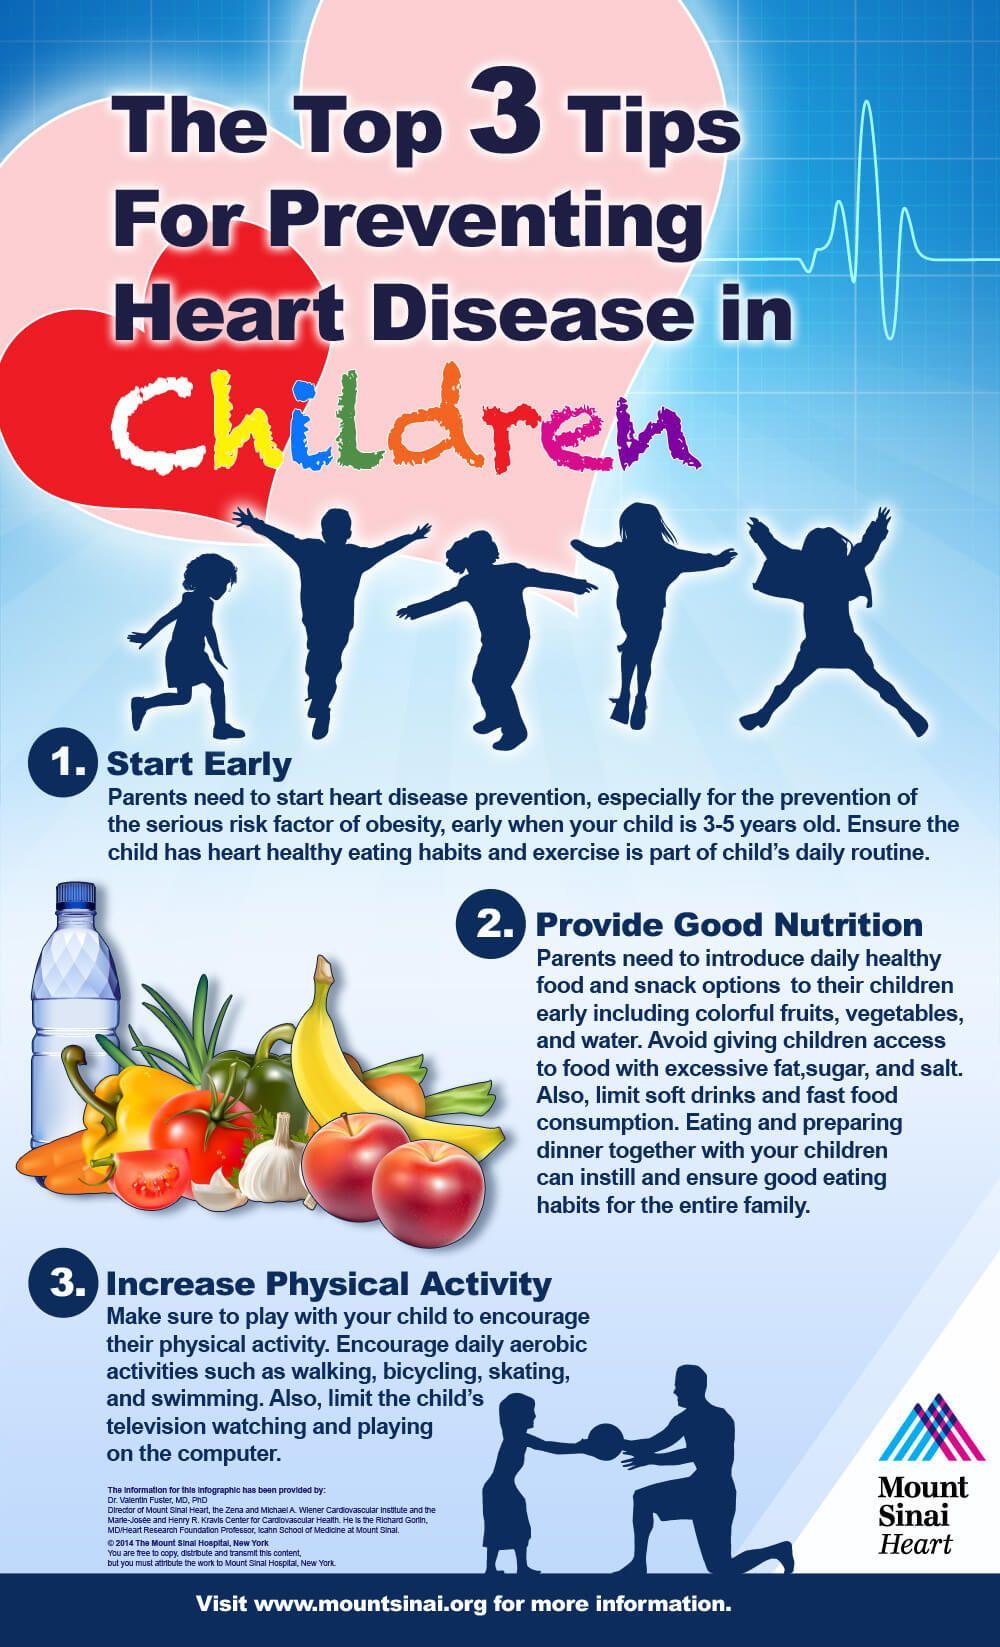 Preventing Heart Disease in Children   Mount Sinai - New York